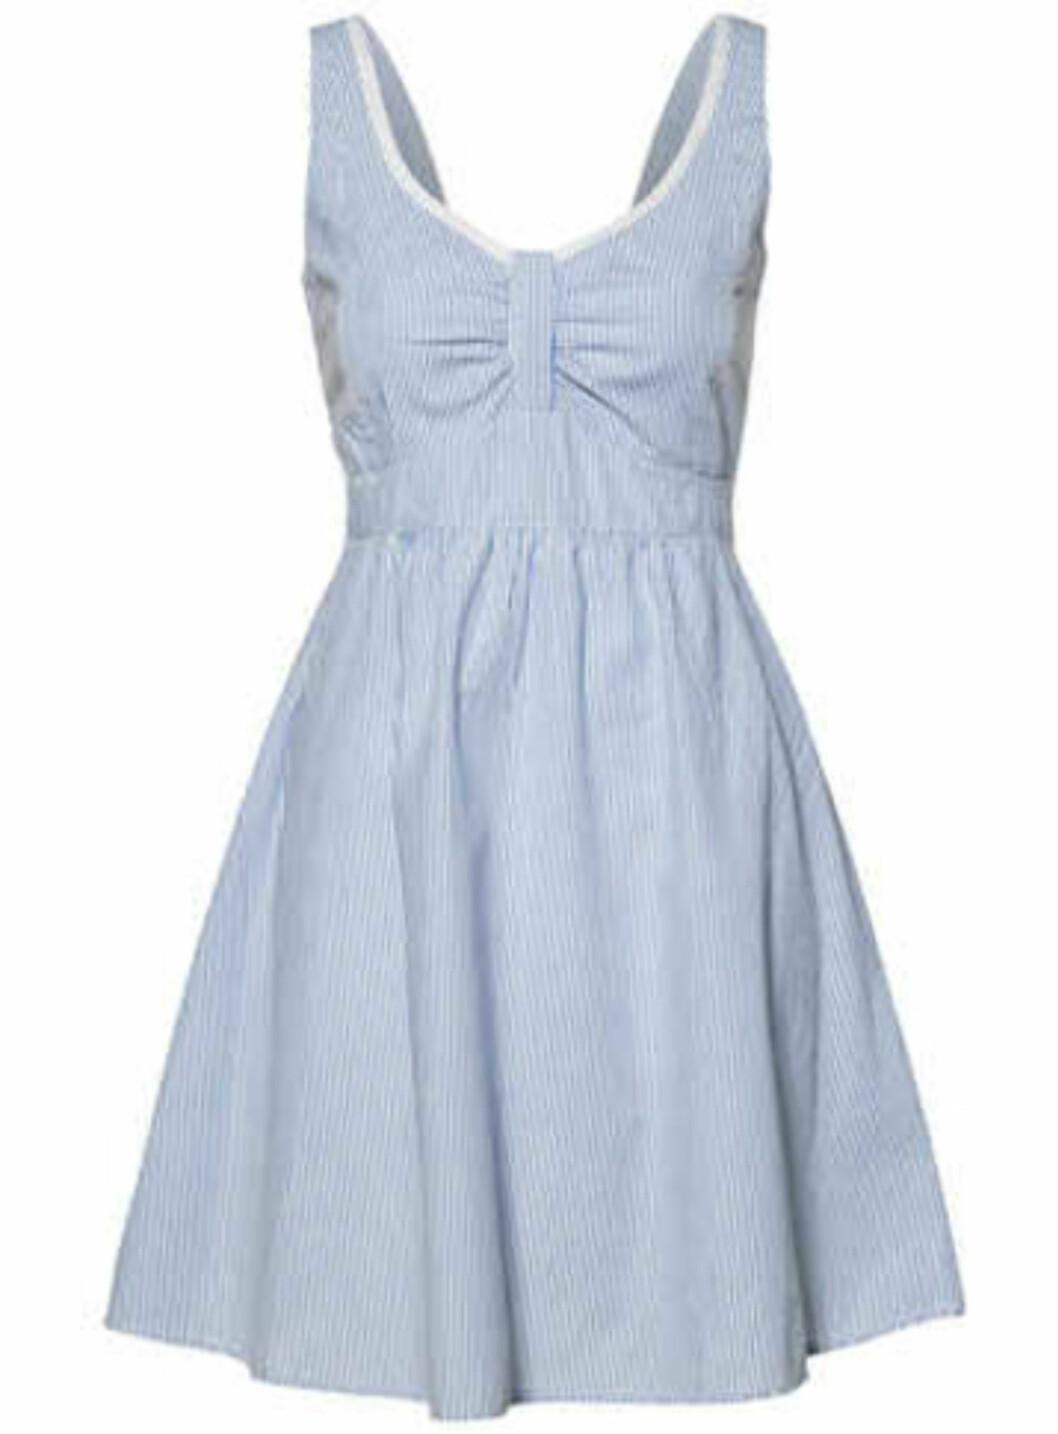 Maritim kjole med smal midje og vidt skjørt, 100 prosent bomull (kr.299/KappAhl). Foto: Produsenten